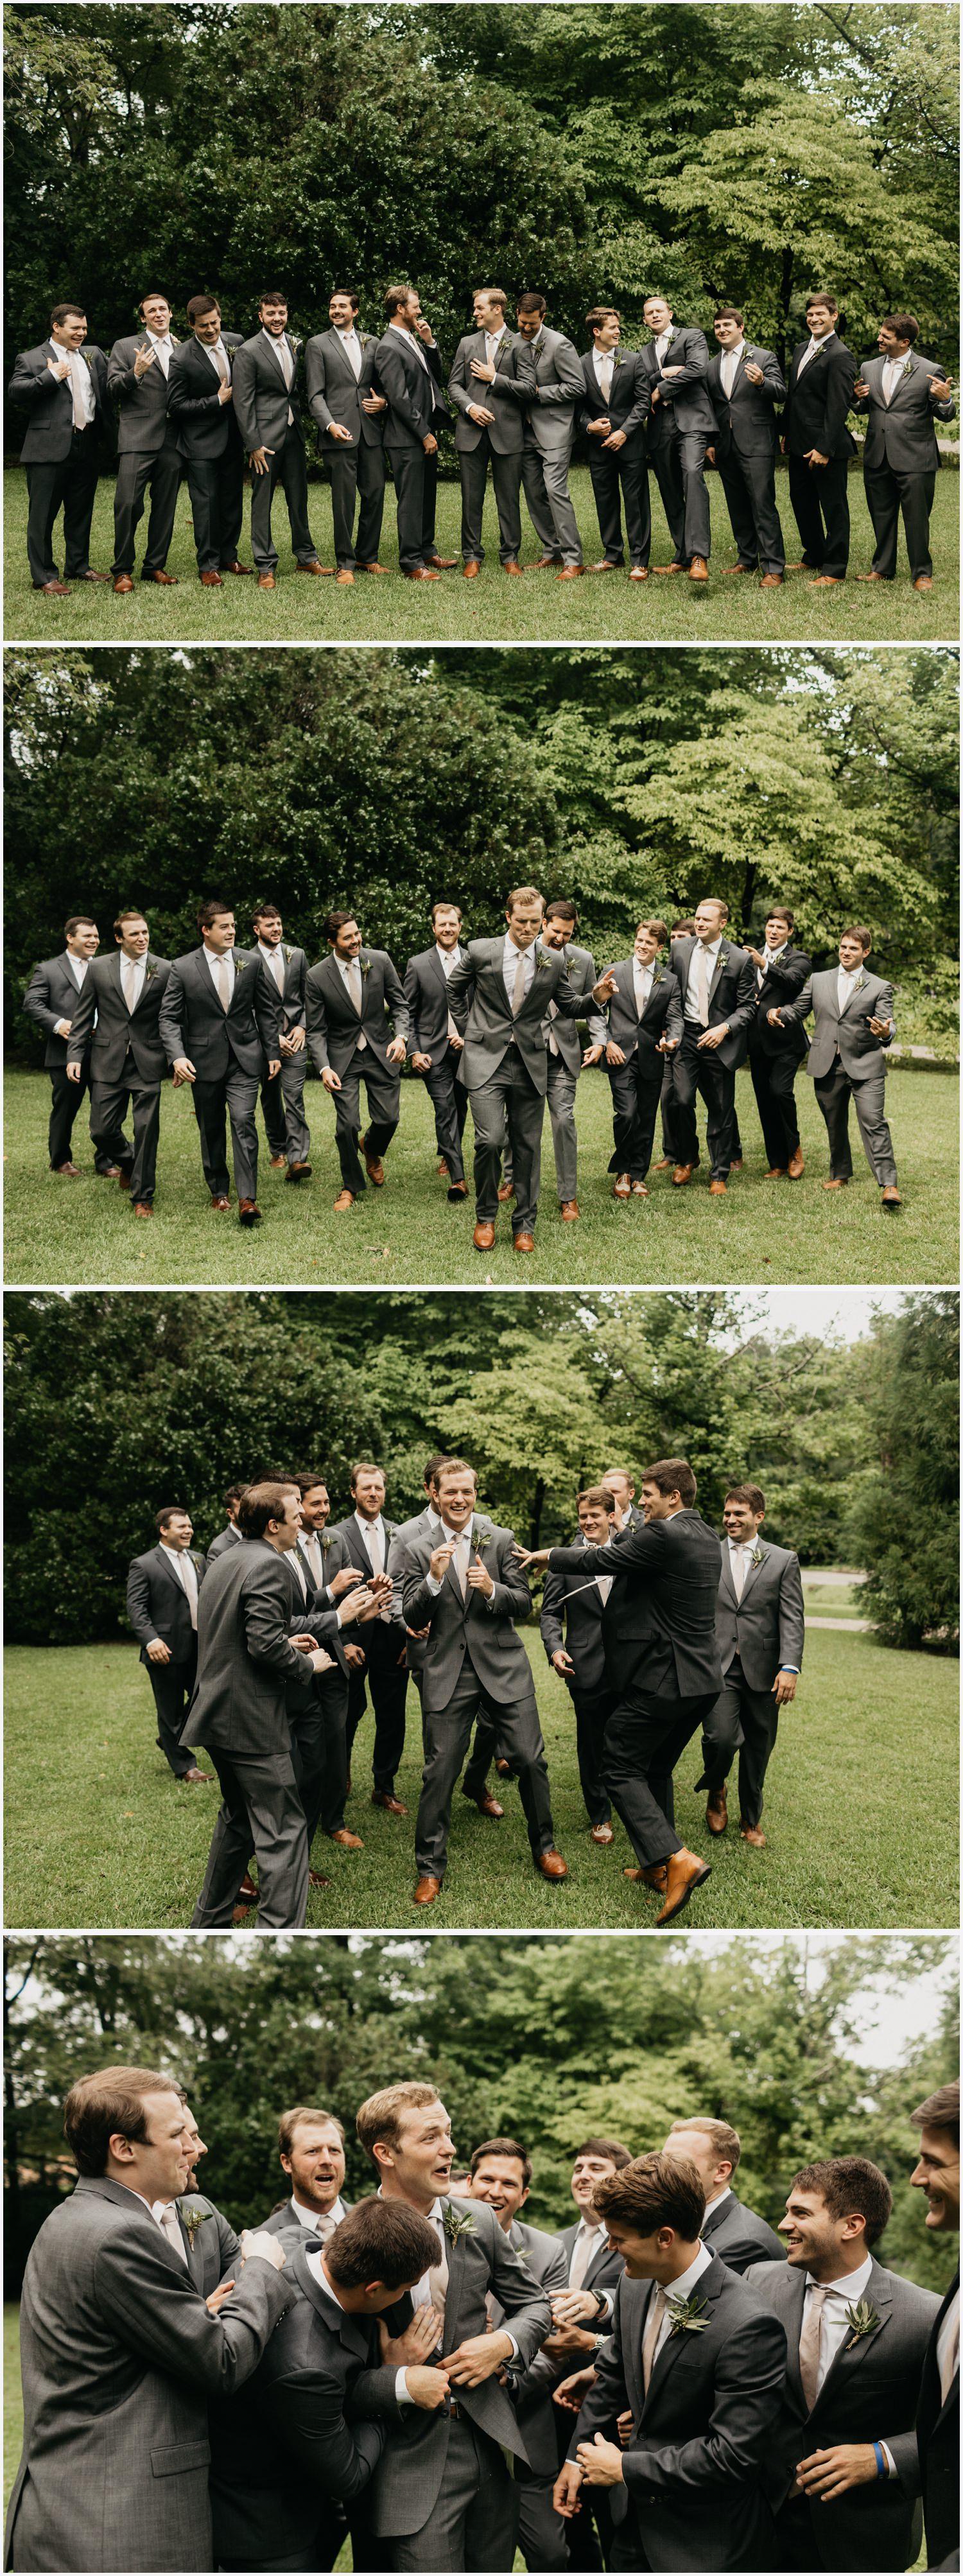 Wedding party photos at the Gabrella Manor